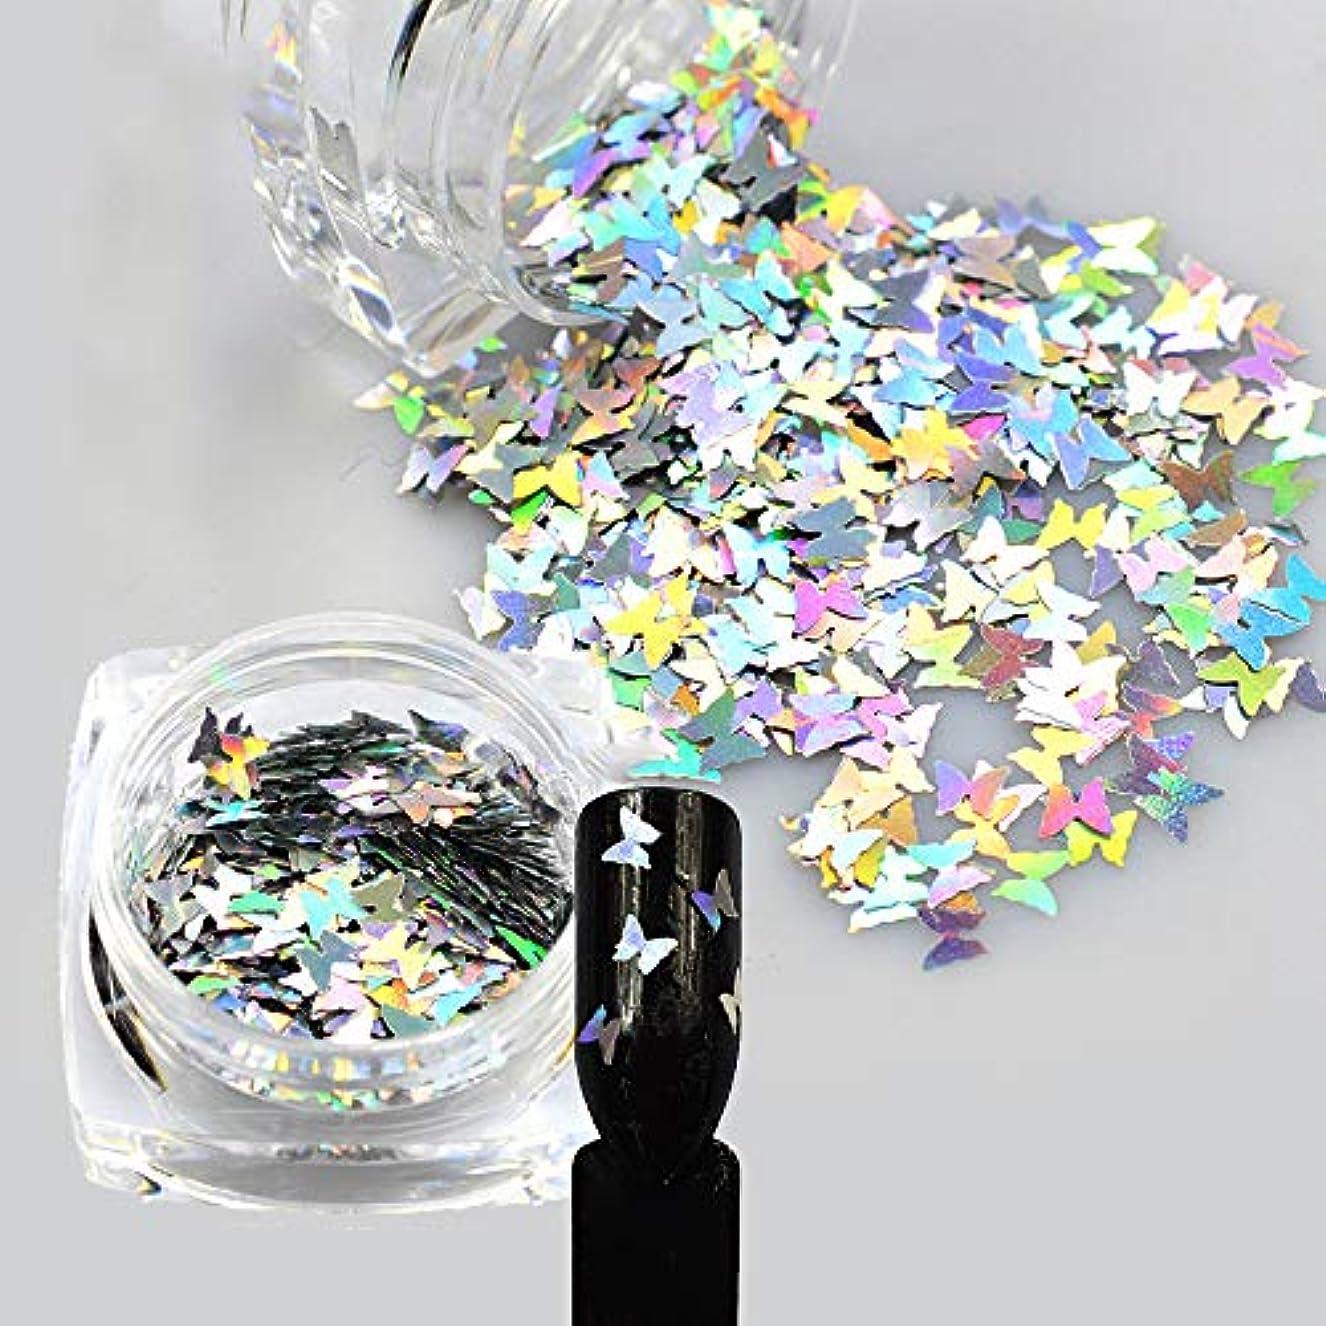 1ピースレーザー光沢のあるダイヤモンドラウンド超薄型スパンコールネイルアートキラキラのヒントUVジェル3DバタフライスパンコールレーザーマジックシルバーバタフライスパンコールネイルデコレーションマニキュアDIYアクセサリー